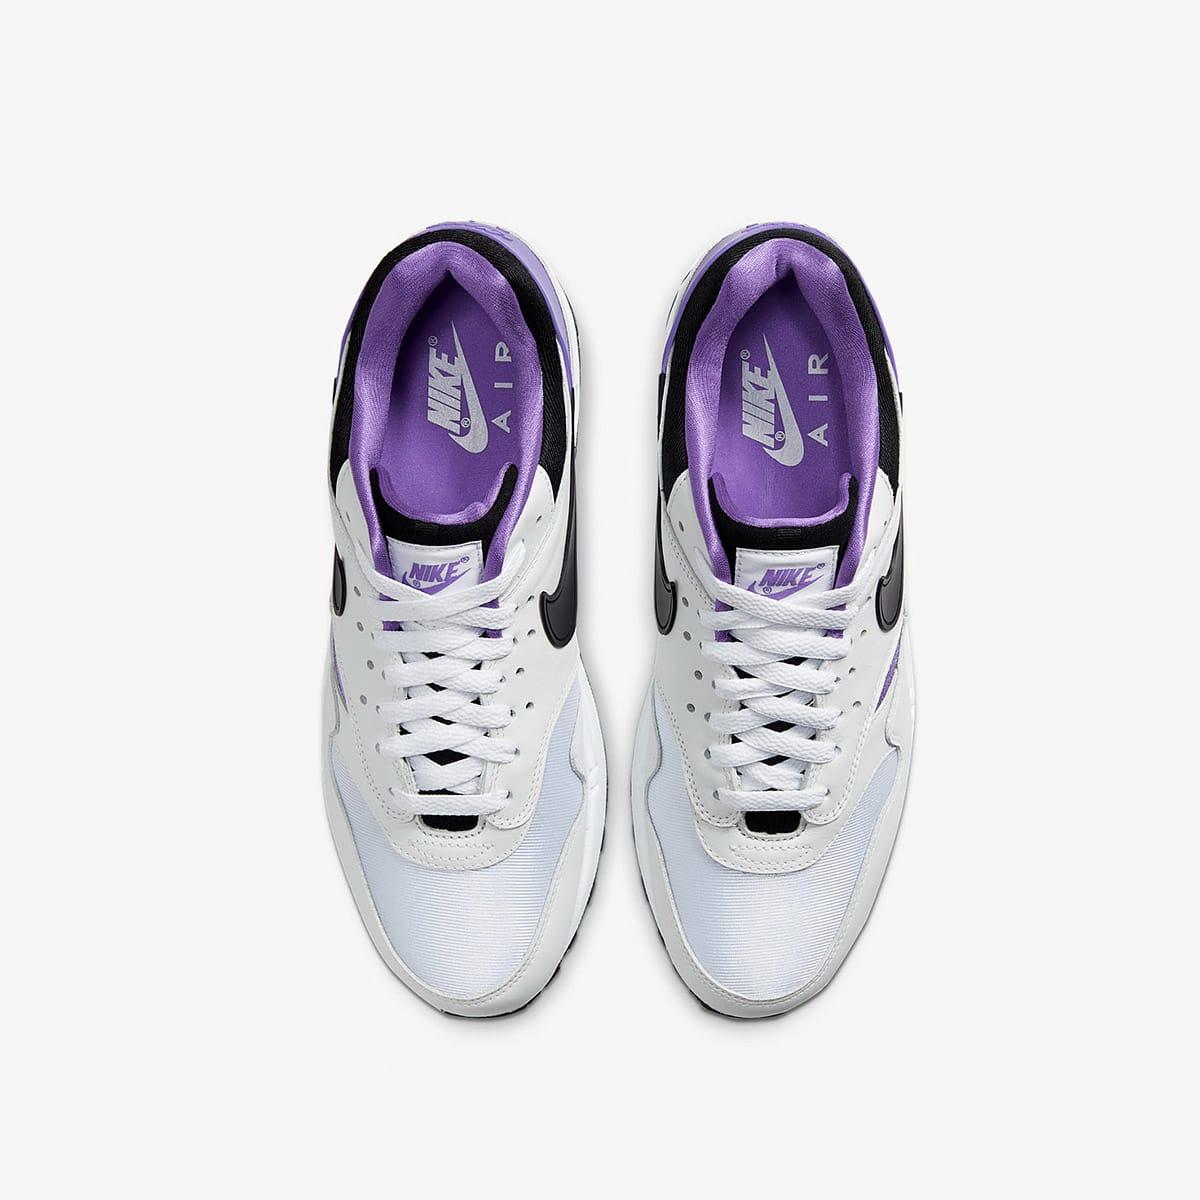 Nike Air Max 1 DNA - AR3863-101